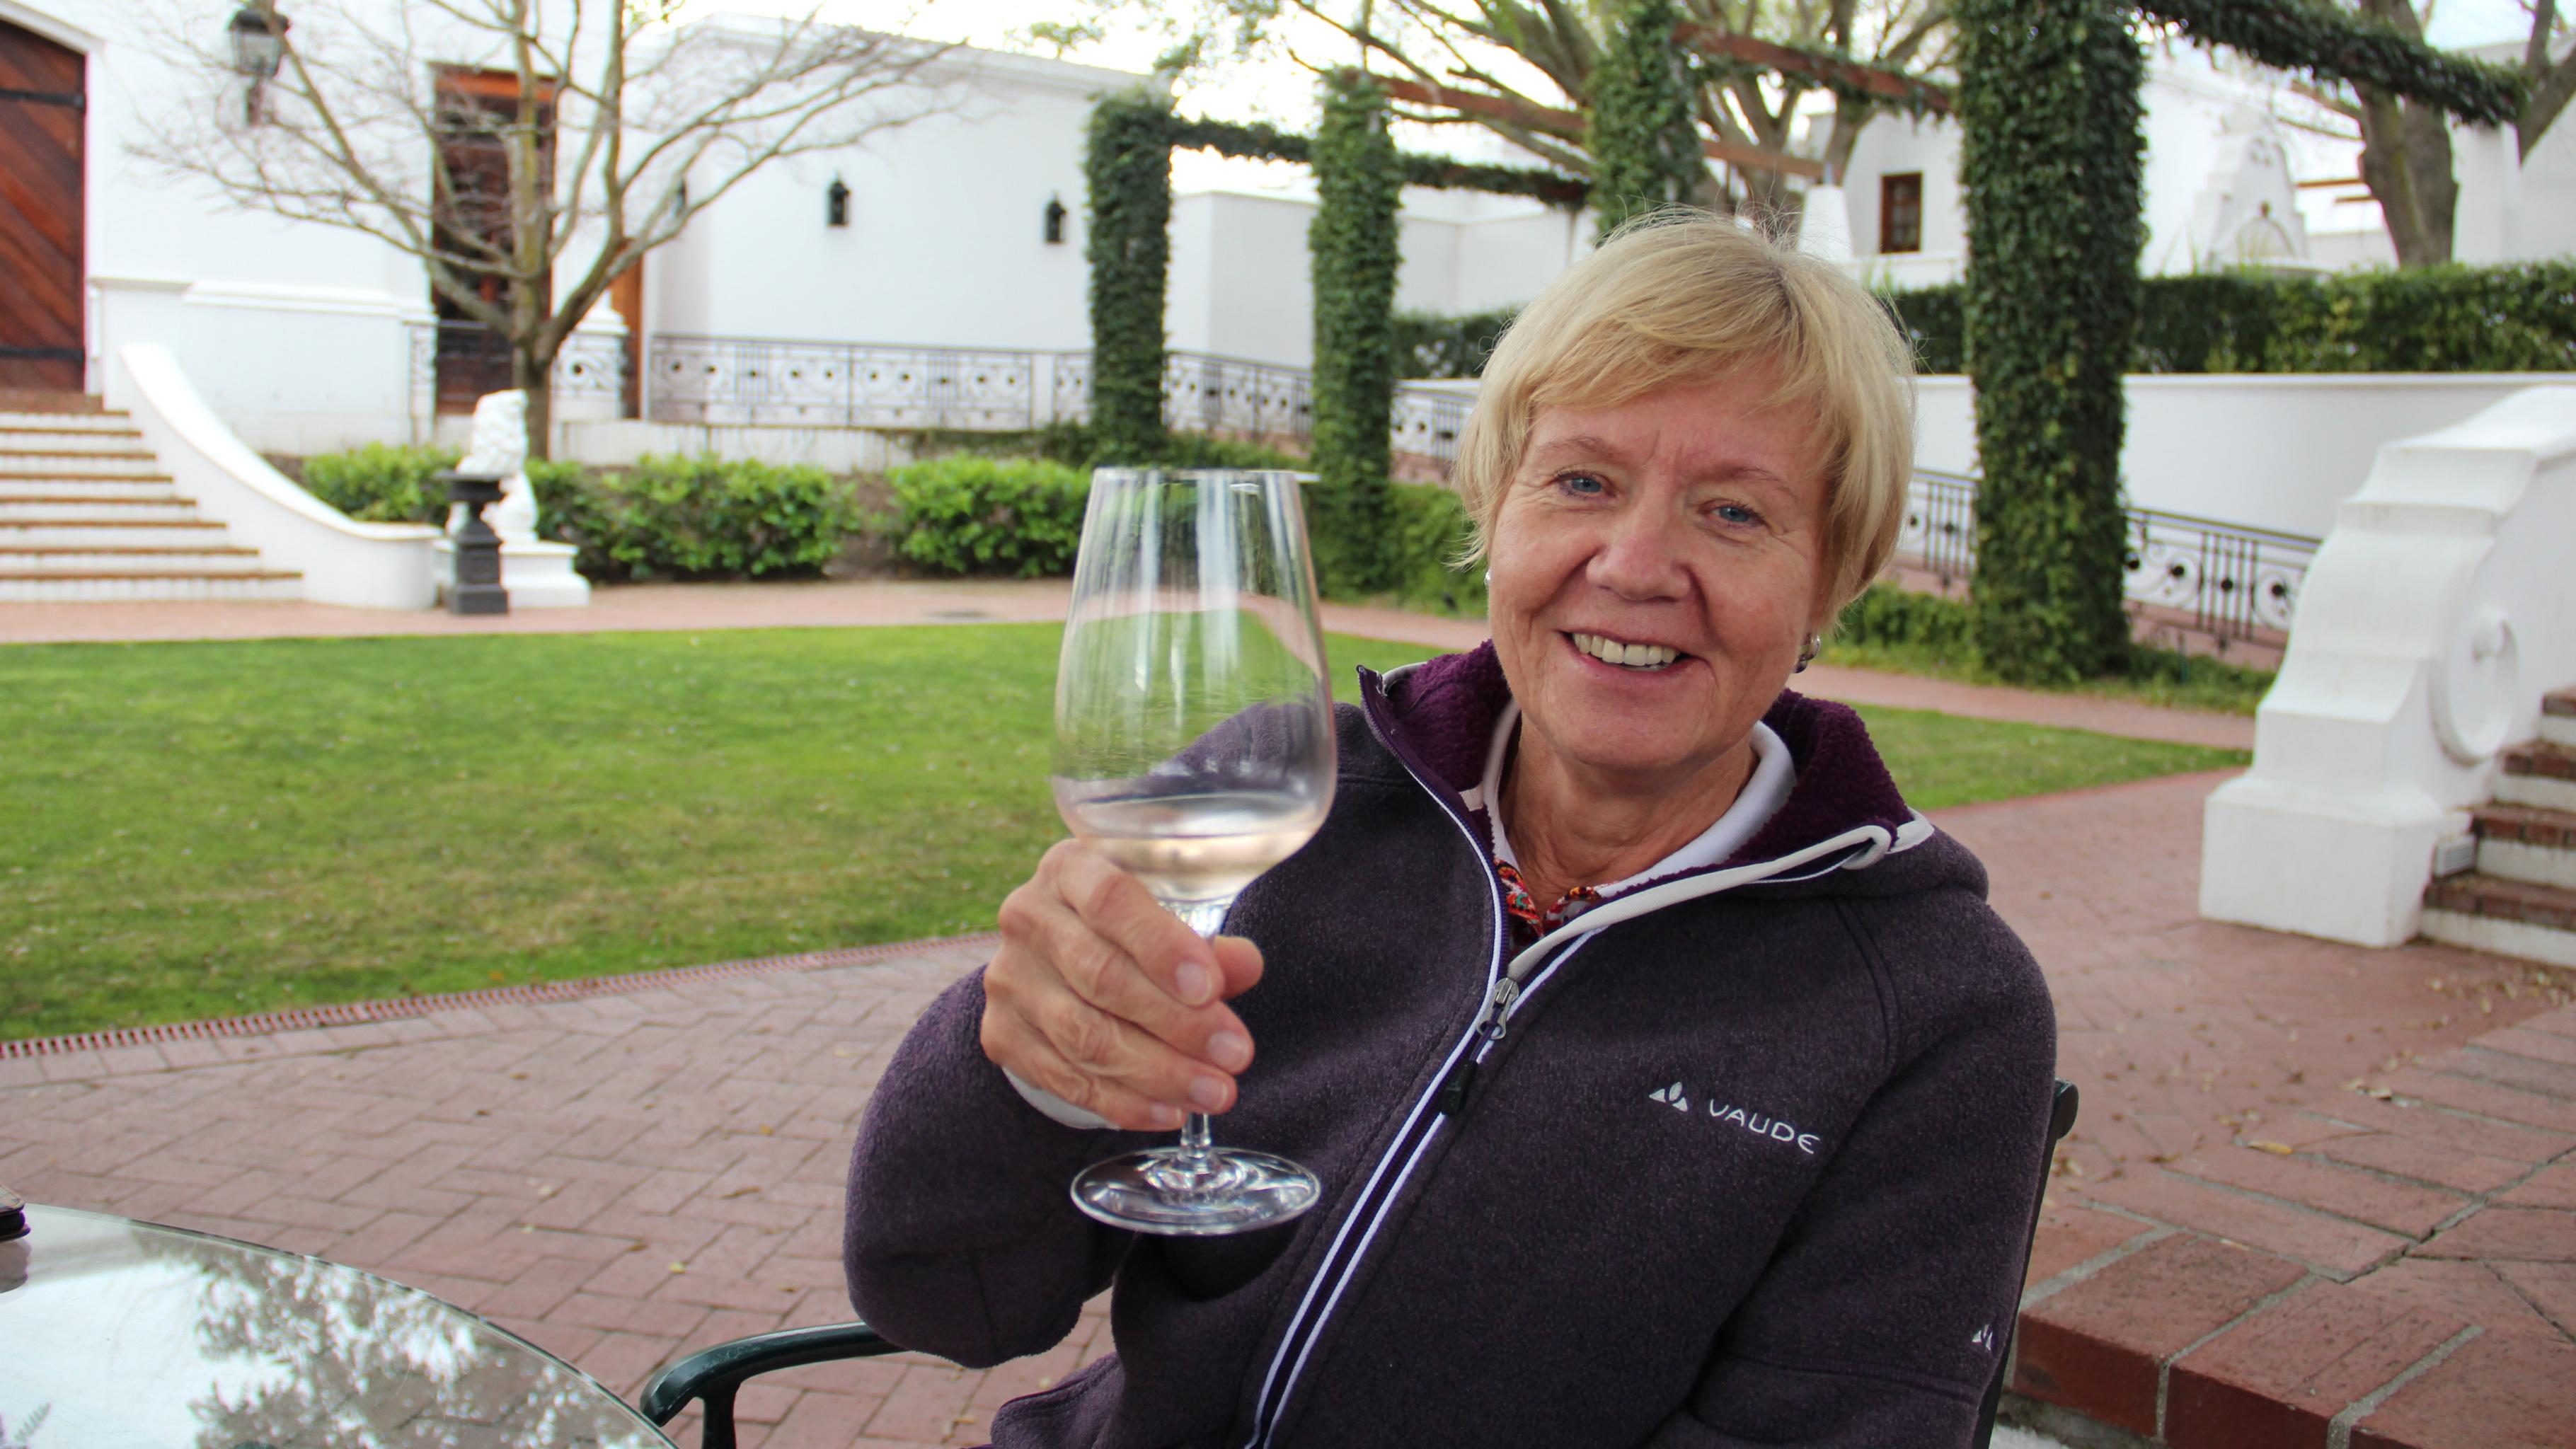 Wie es Touristen erleben: Gabriele Sarteh bei der Weinverkostung auf dem Weingut Lanzerac